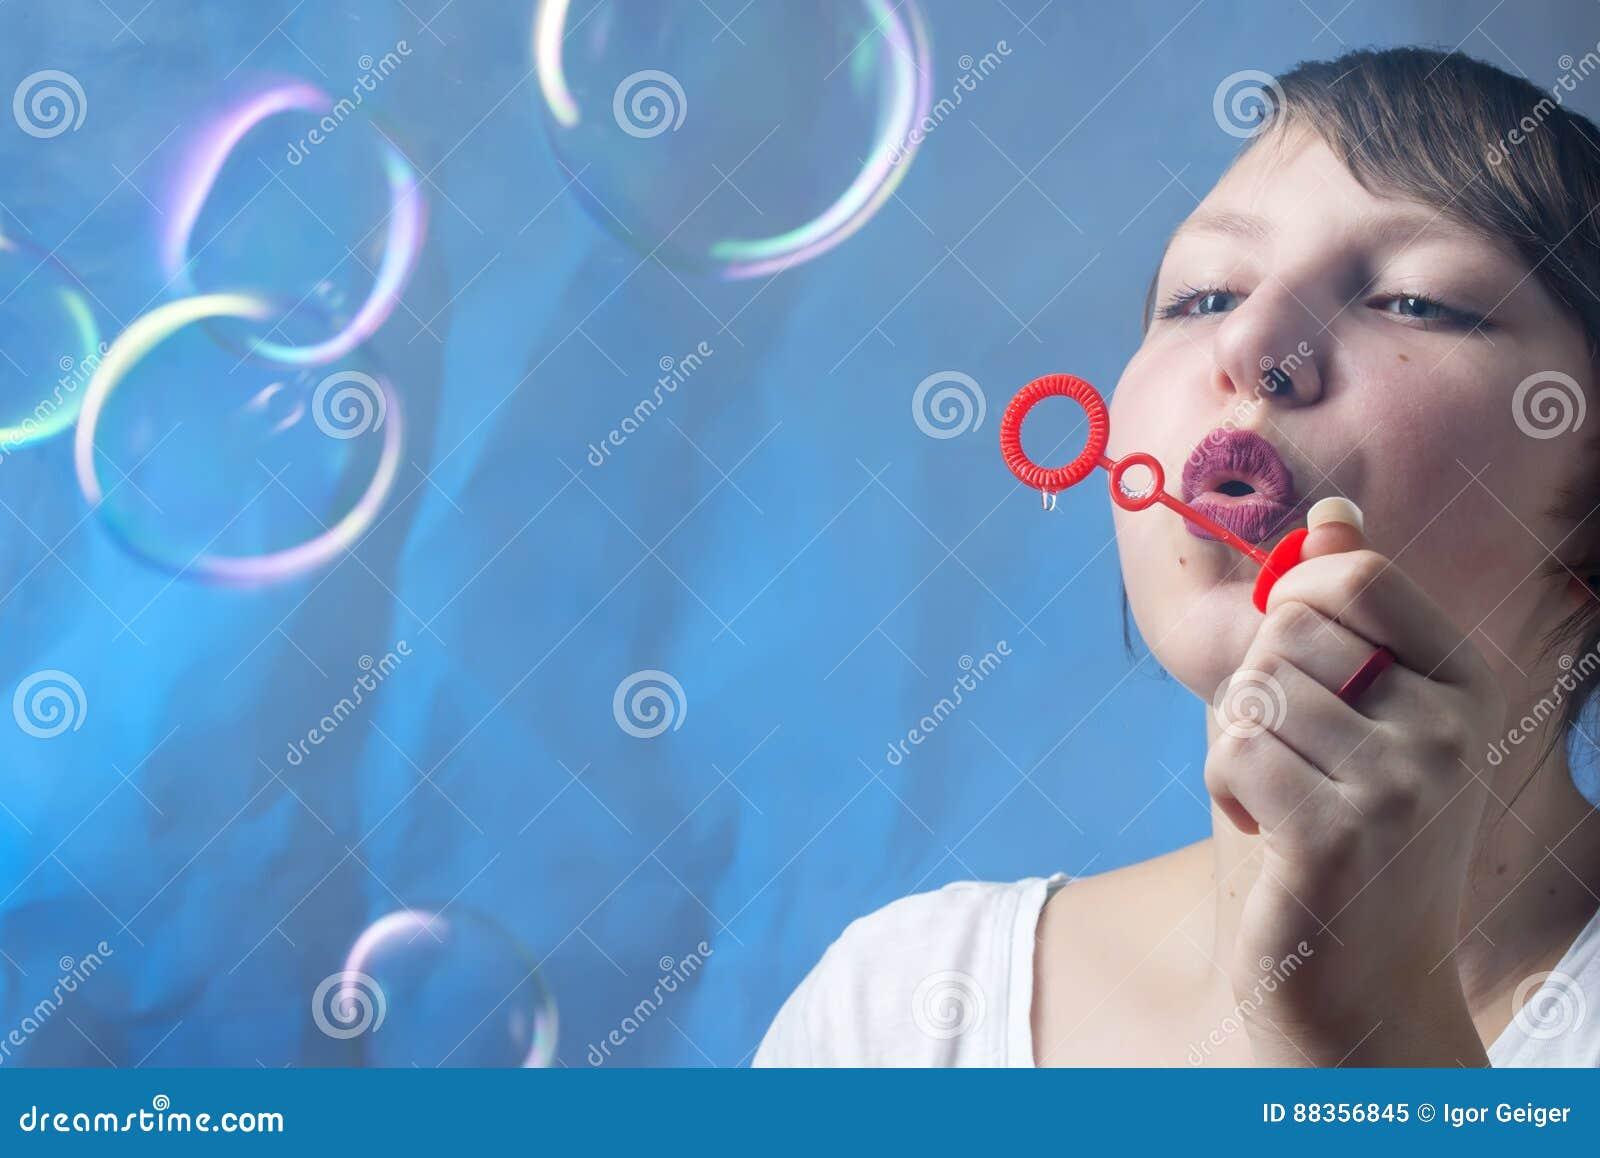 Den härliga älskvärda flickan blåser såpbubblor på en härlig blått